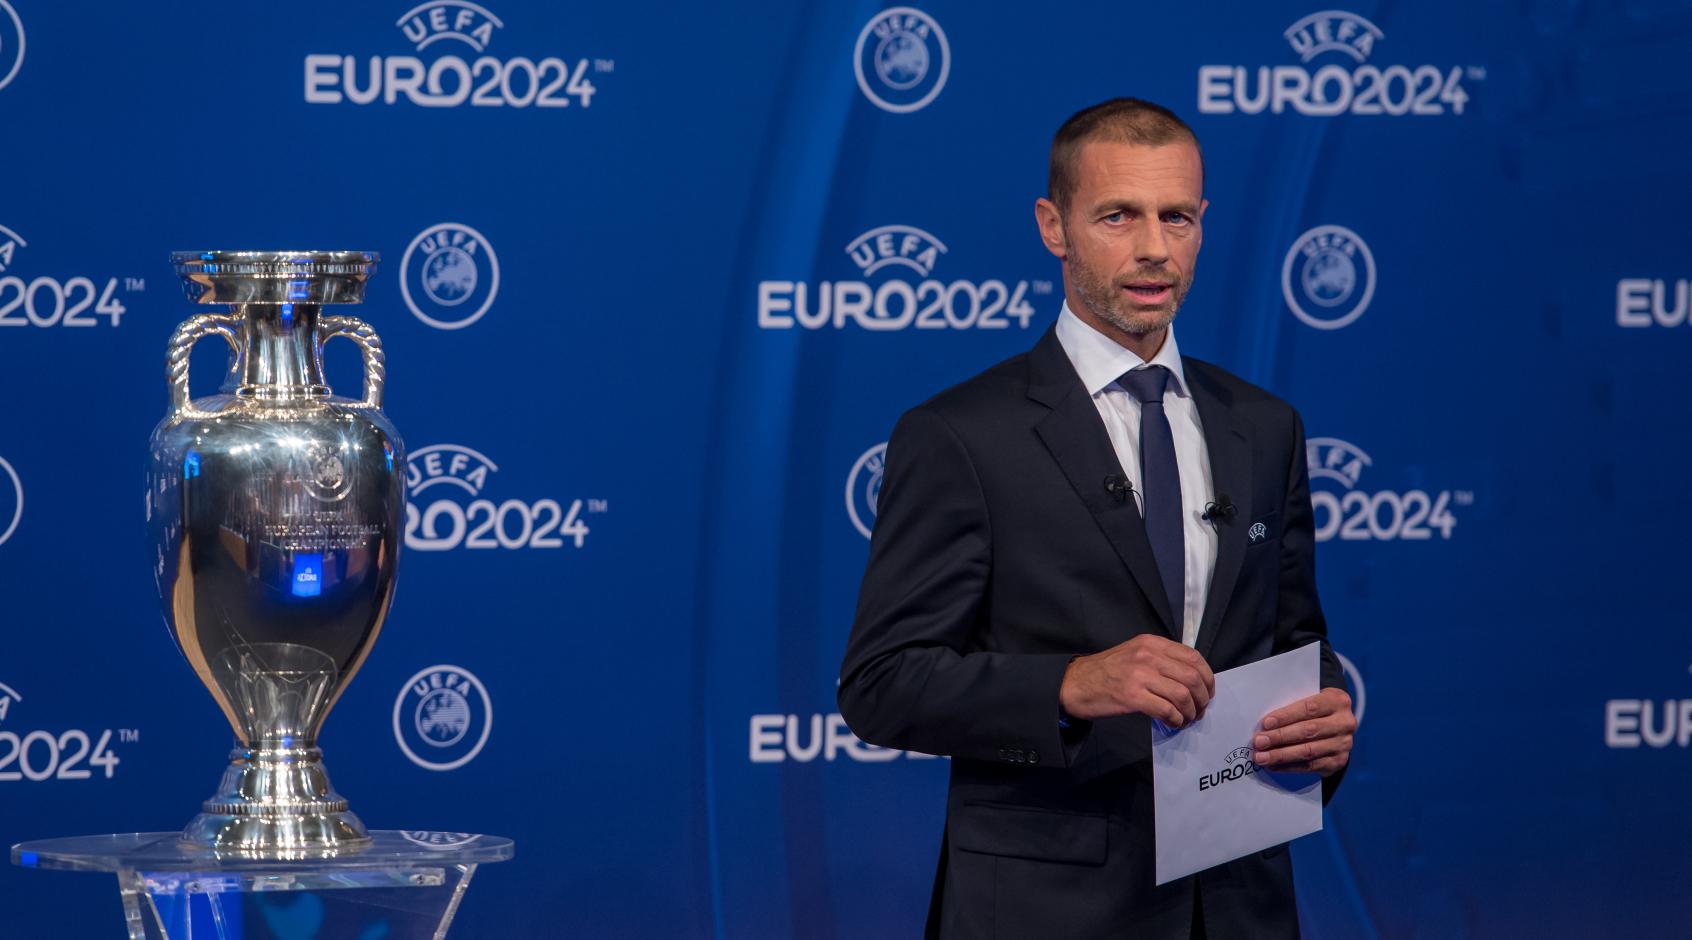 Дополнительные матчи сборных в марте и сентябре 2021 года, а также другие решения УЕФА